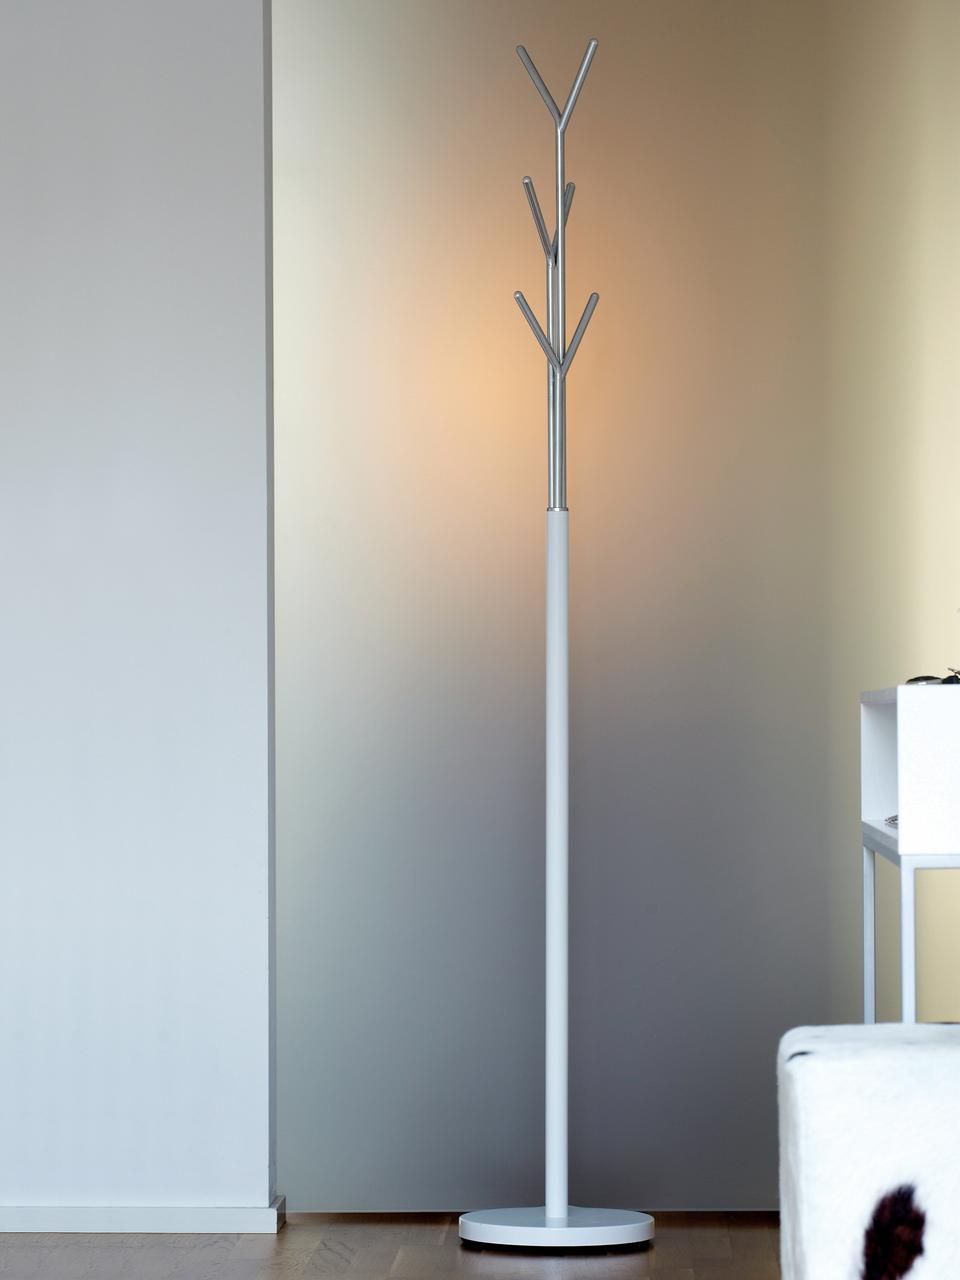 Wieszak stojący London, Biały, chrom, Ø 31 x W 177 cm